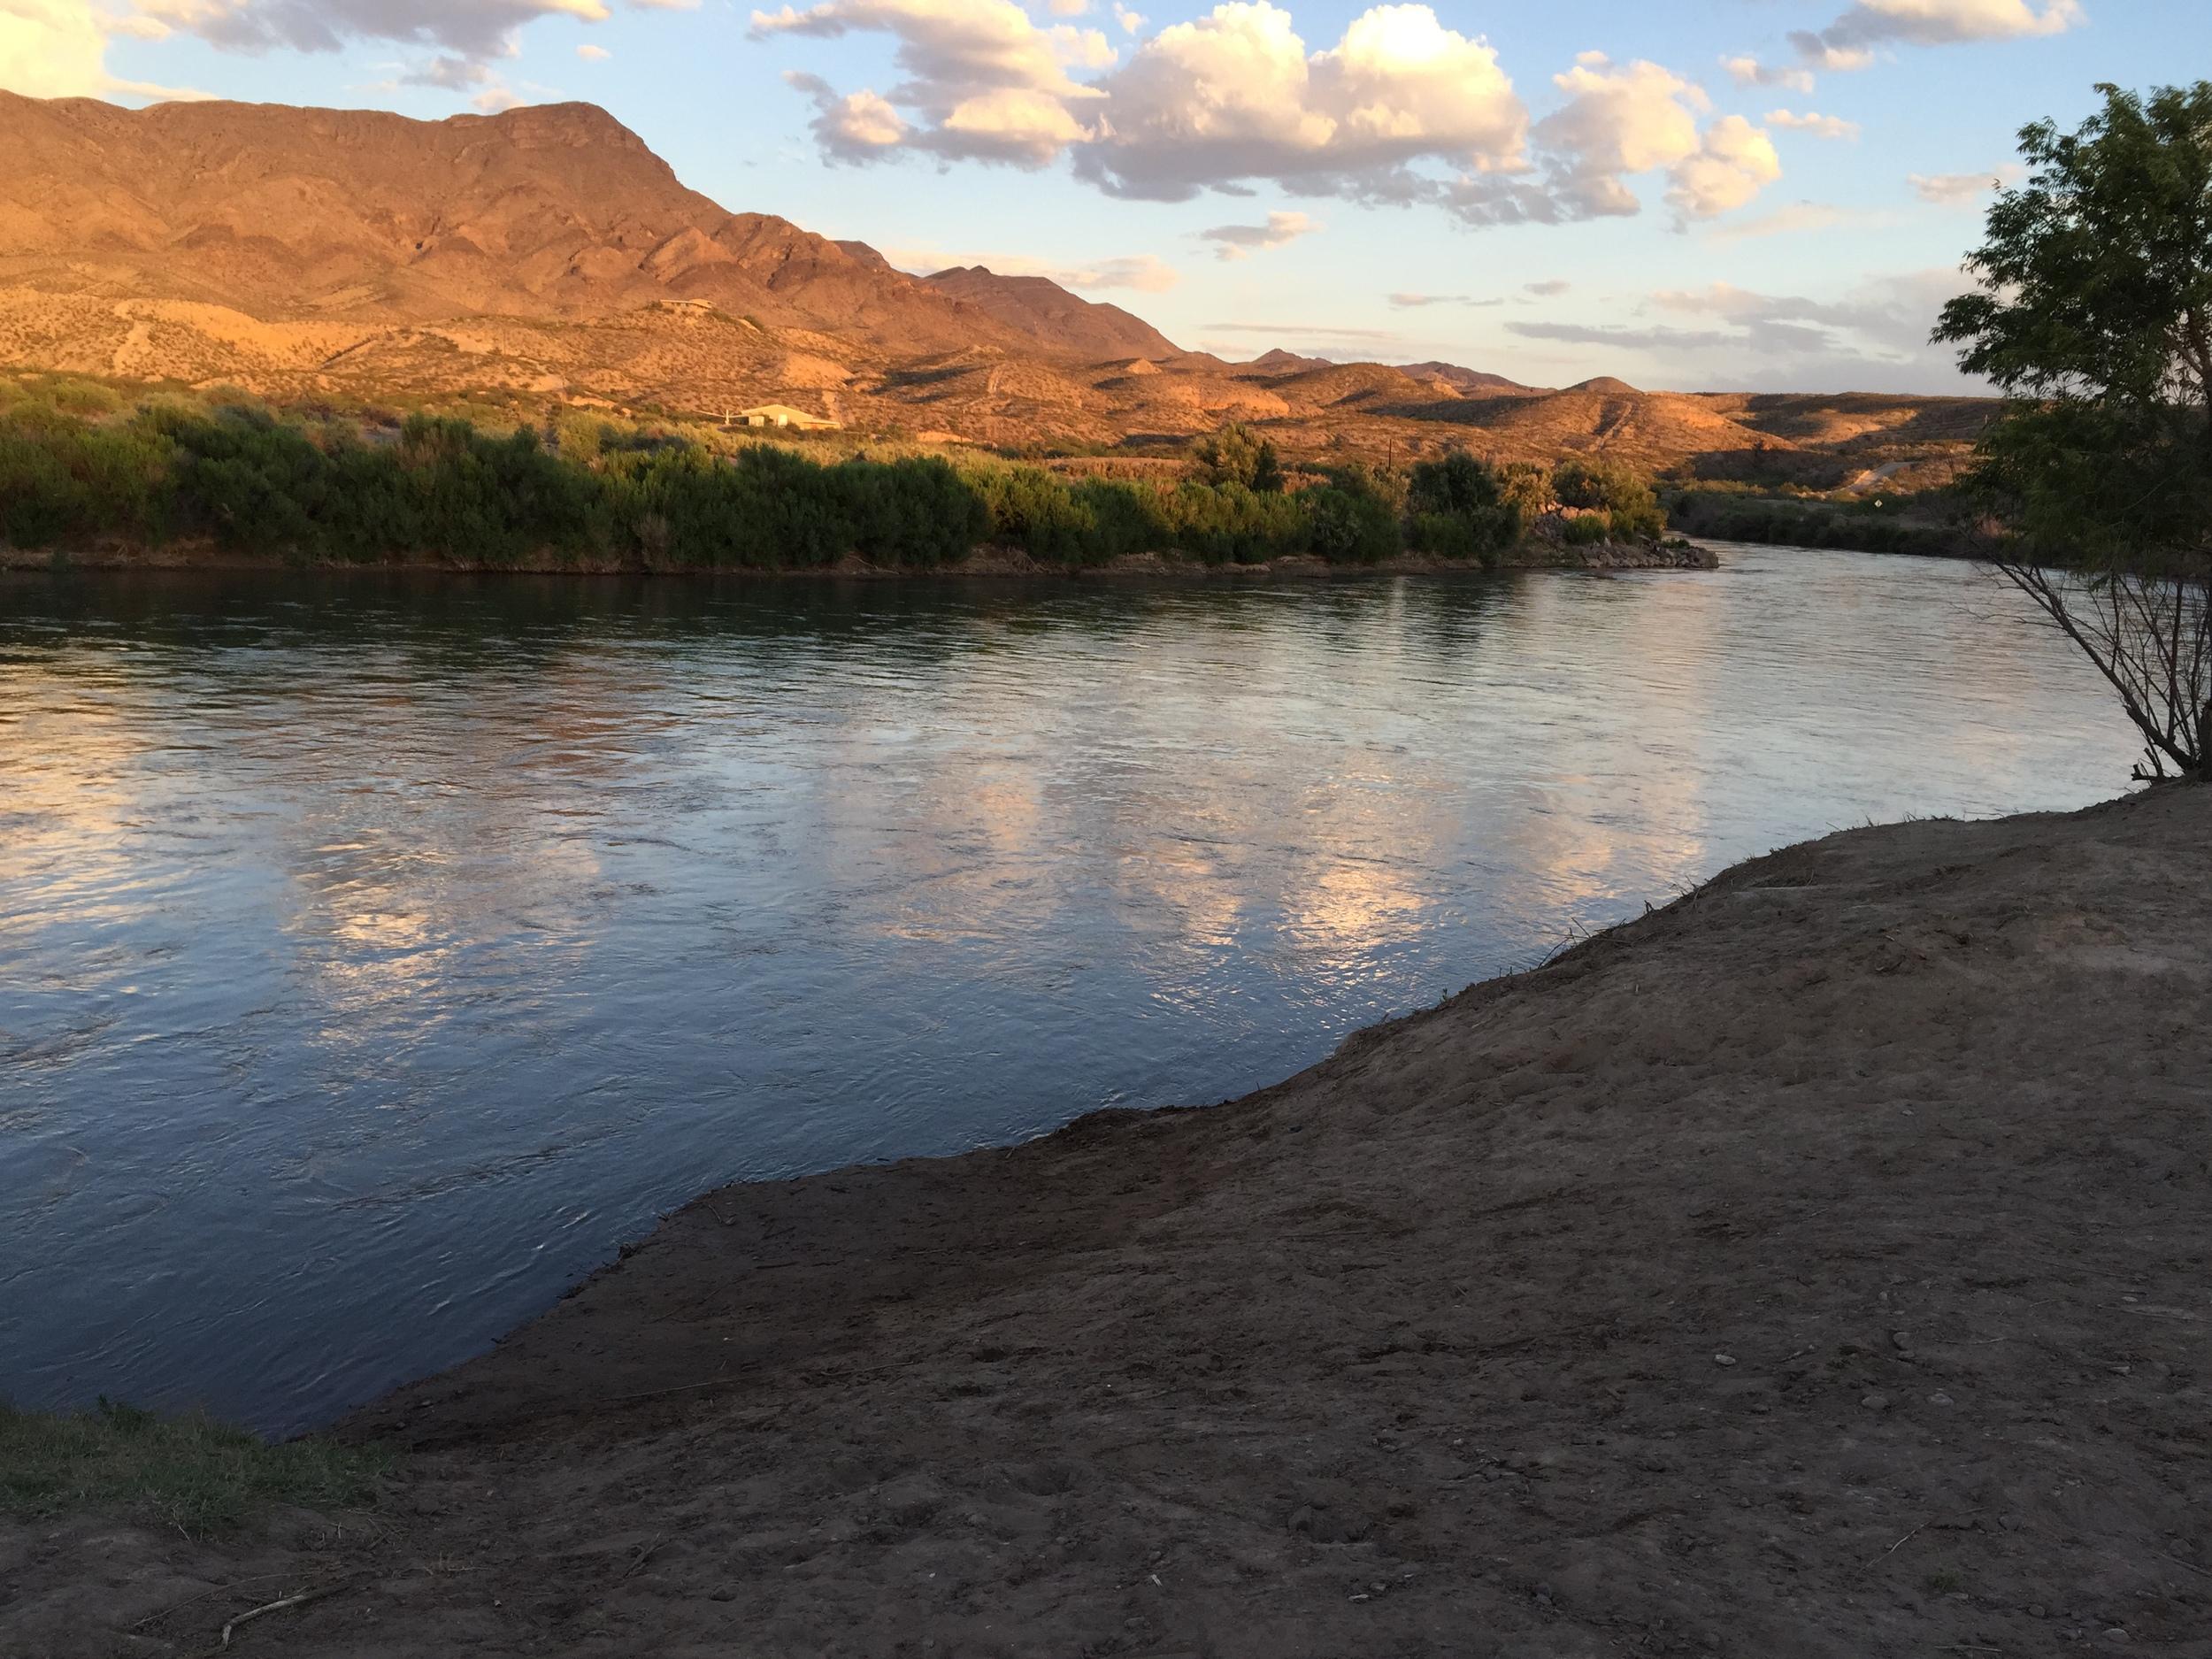 The Rio Grande river....